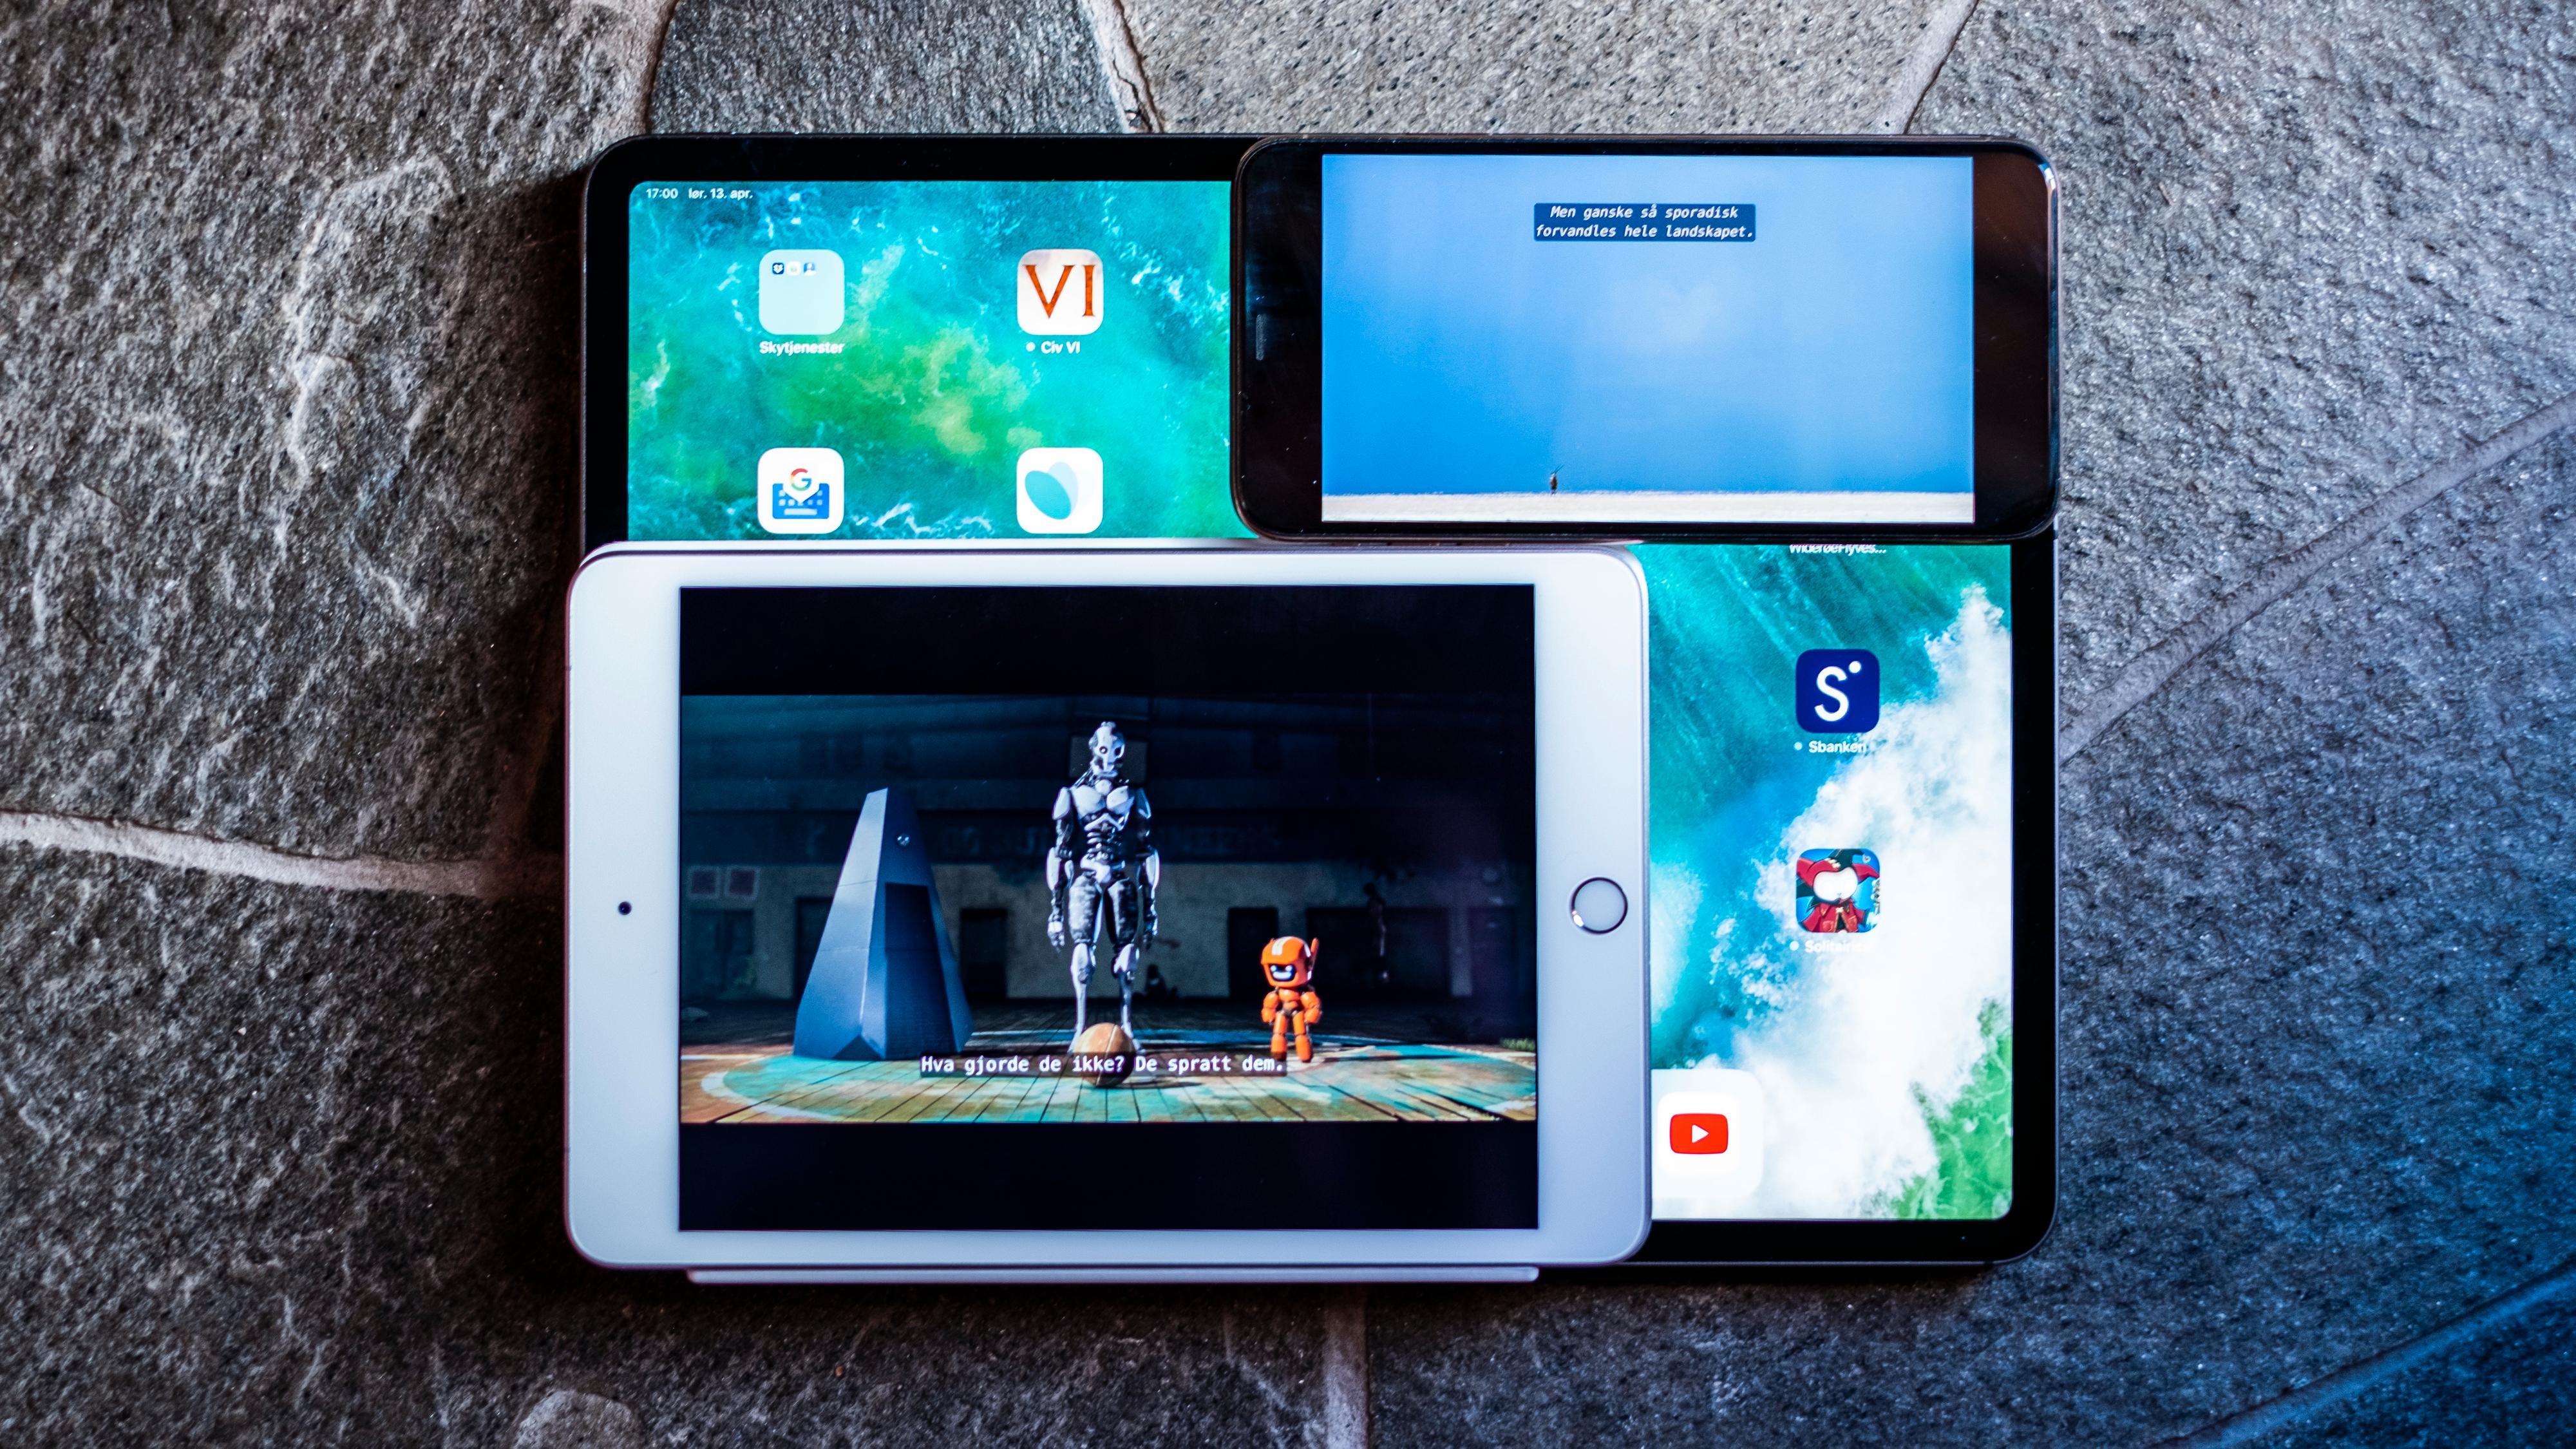 iPad Mini og iPhone Xs Max oppå iPad Pro 12,9. Du vinner både vesentlig større filmbilde enn på iPhone og langt mer praktisk formfaktor enn de største iPadene med iPad Mini. Og bruker du den til ting som ikke forutsetter spesielt brede skjermer får du mye ekstra plass å boltre deg på sammenliknet med telefonen.